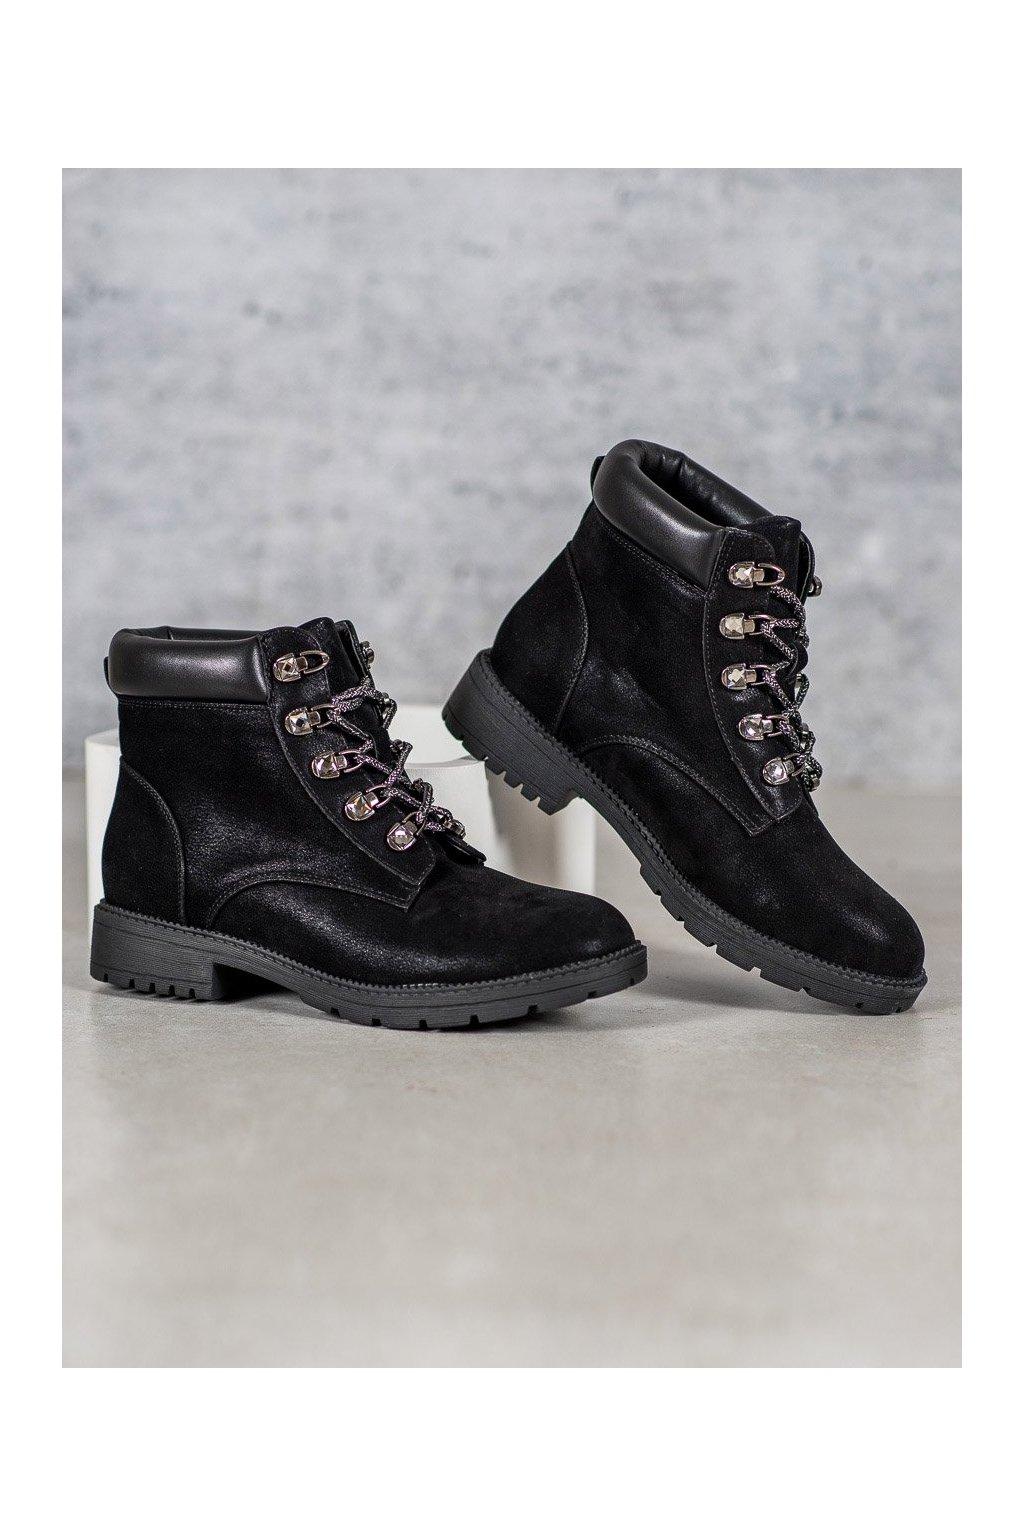 Čierne dámske topánky Vices kod 2223-1B